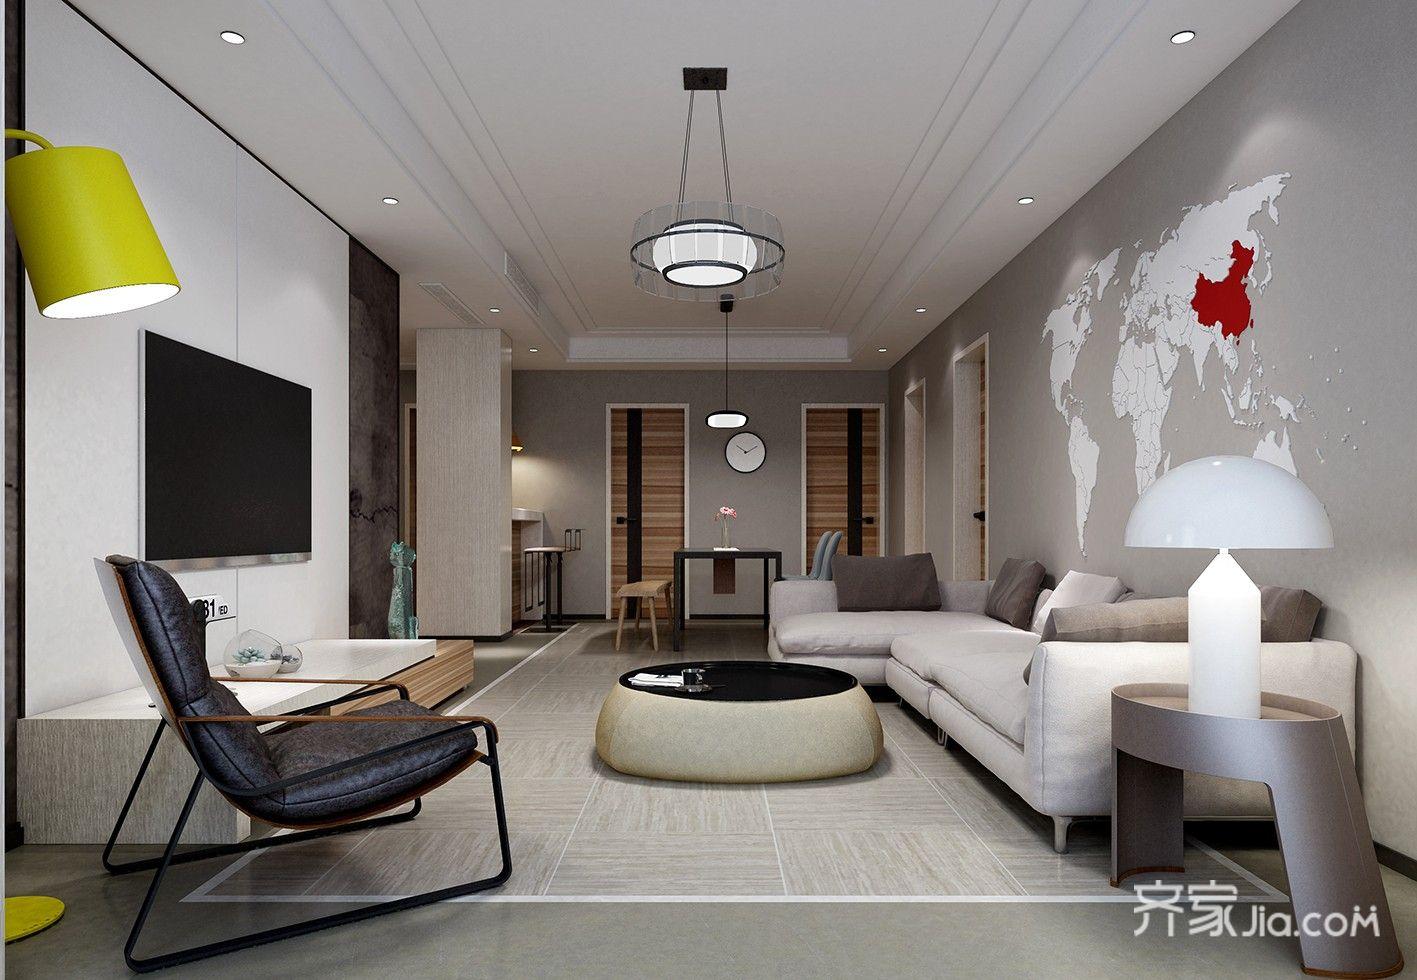 128㎡简约风格三居客厅装修效果图